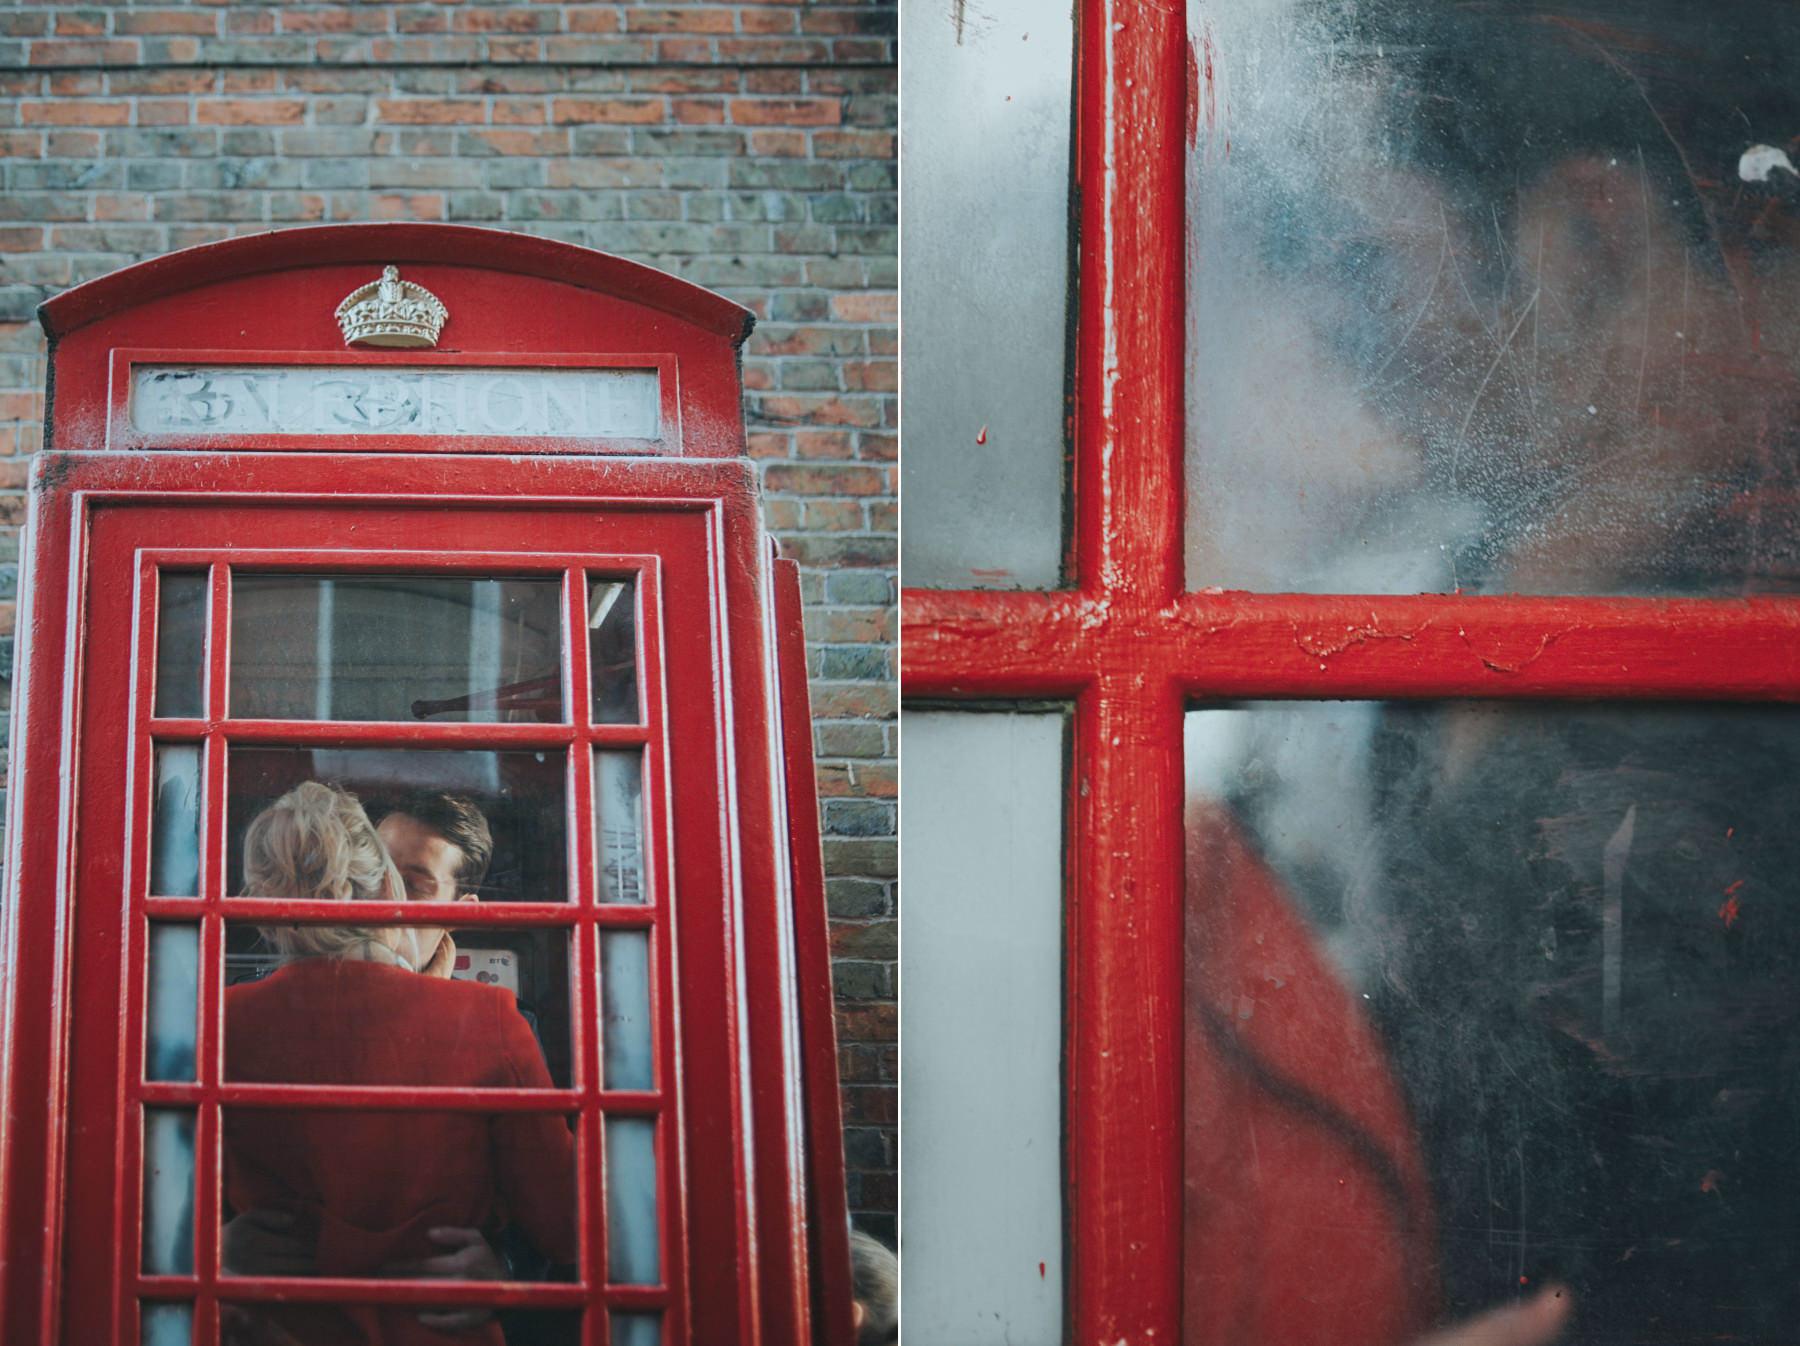 Red phone box engagement photo